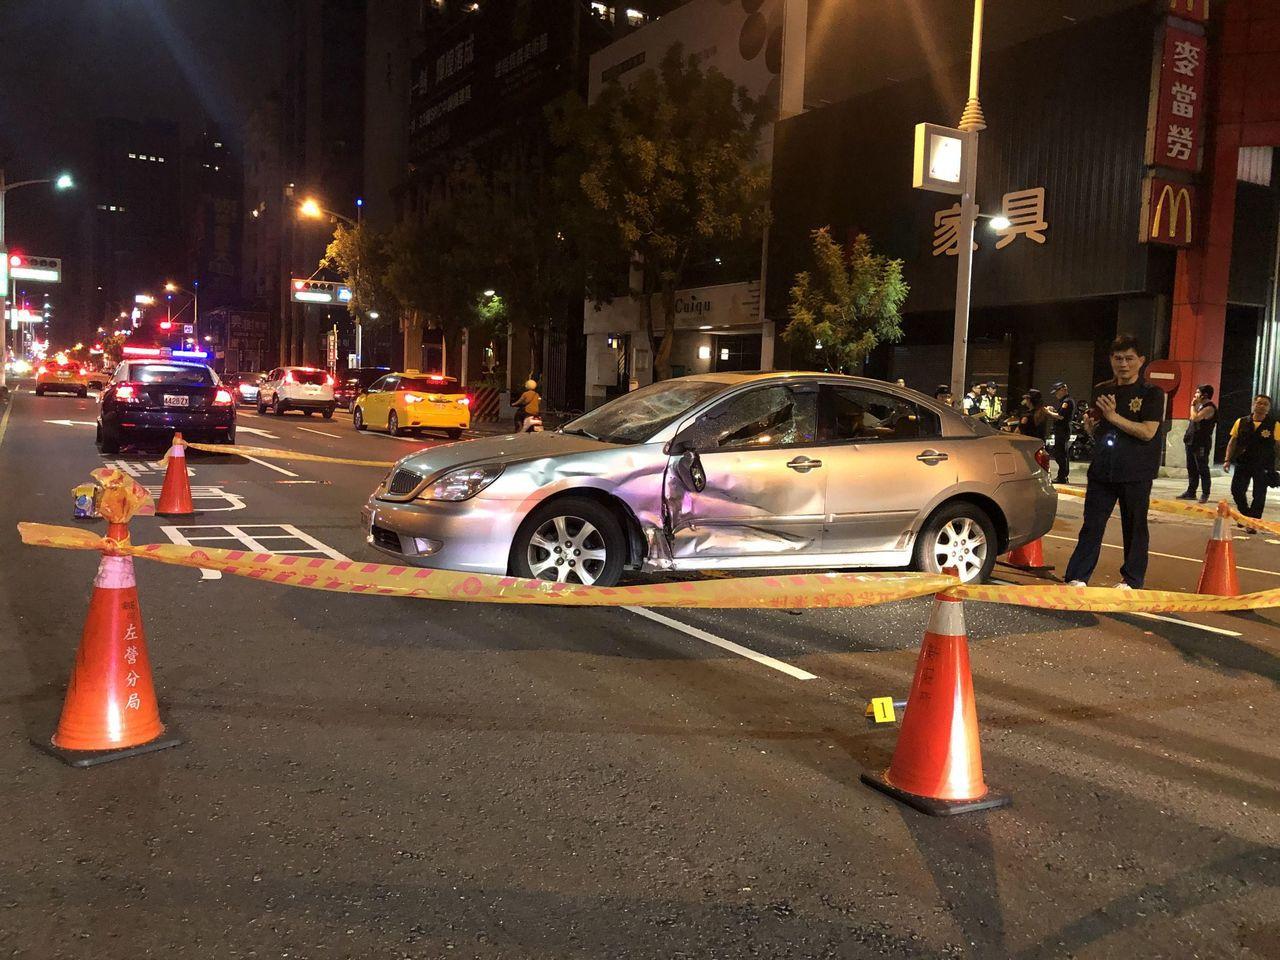 高雄市深夜赫見1輛銀色自小客車橫放博愛二路中央,車窗、車體遭狠砸裂,警方循線抓到...